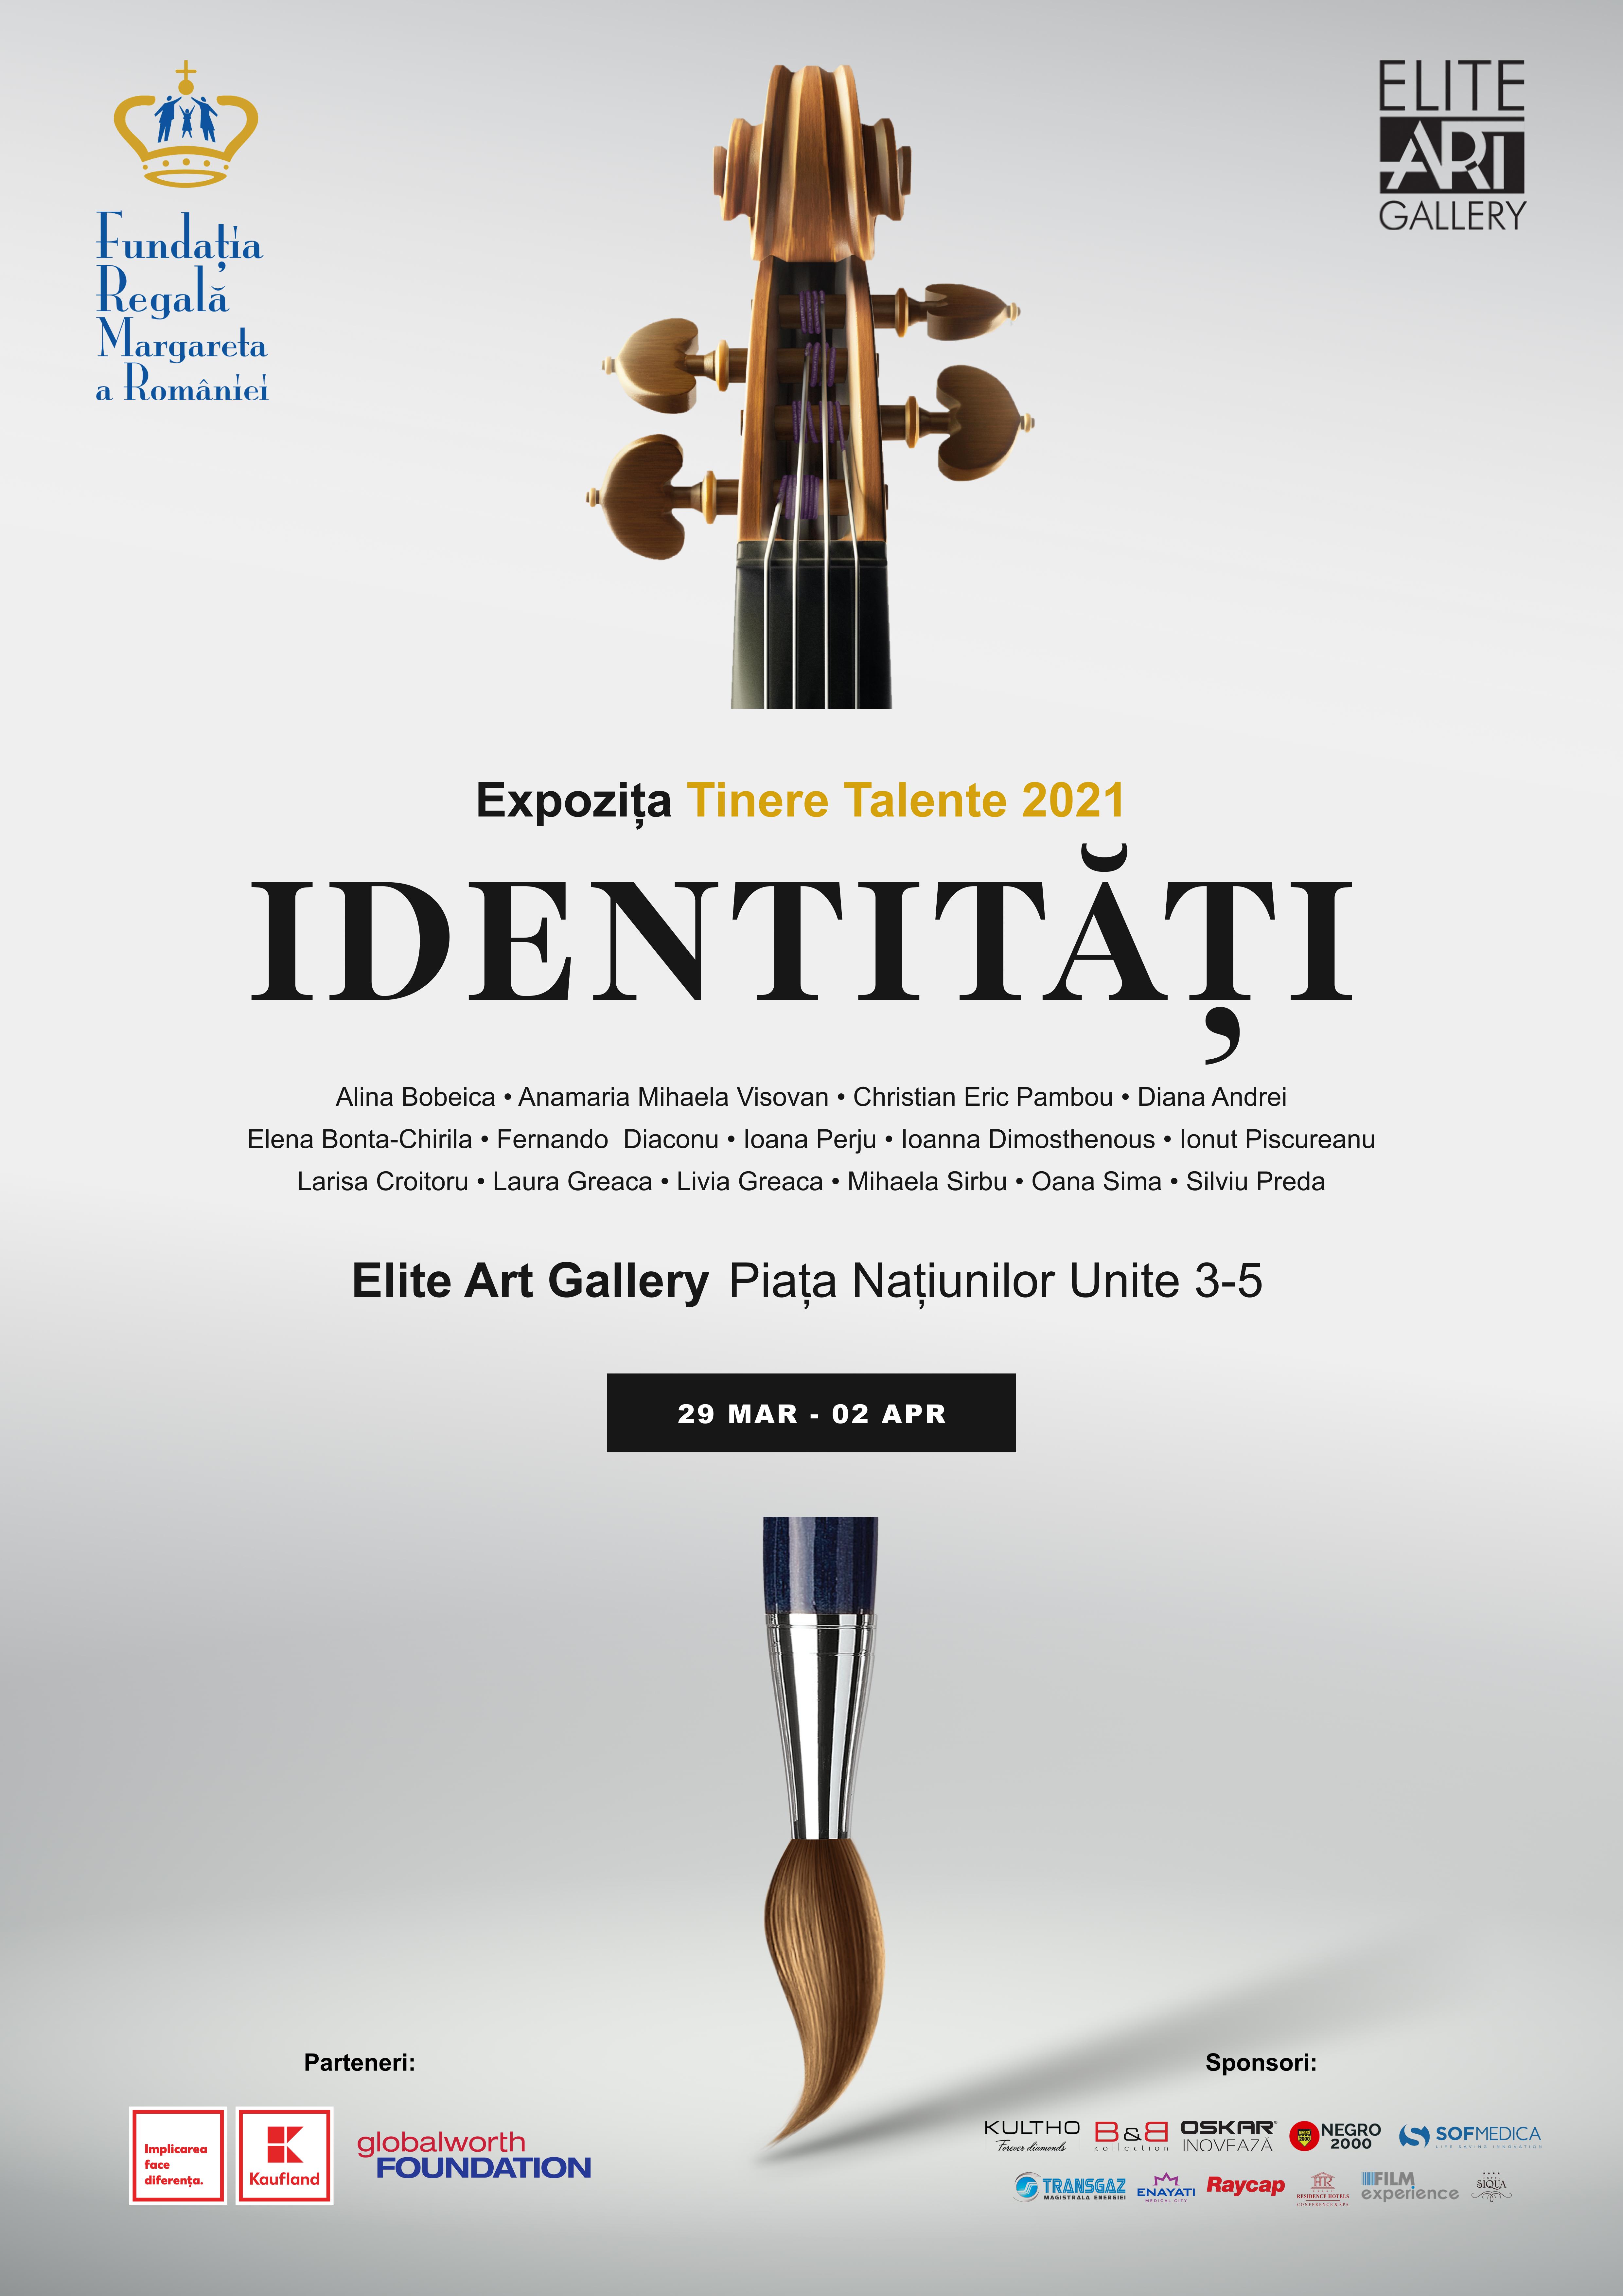 Bursierii Fundației Regale Margareta a României prezintă publicului prima expoziție de arte vizuale și un recital la Elite Art Gallery